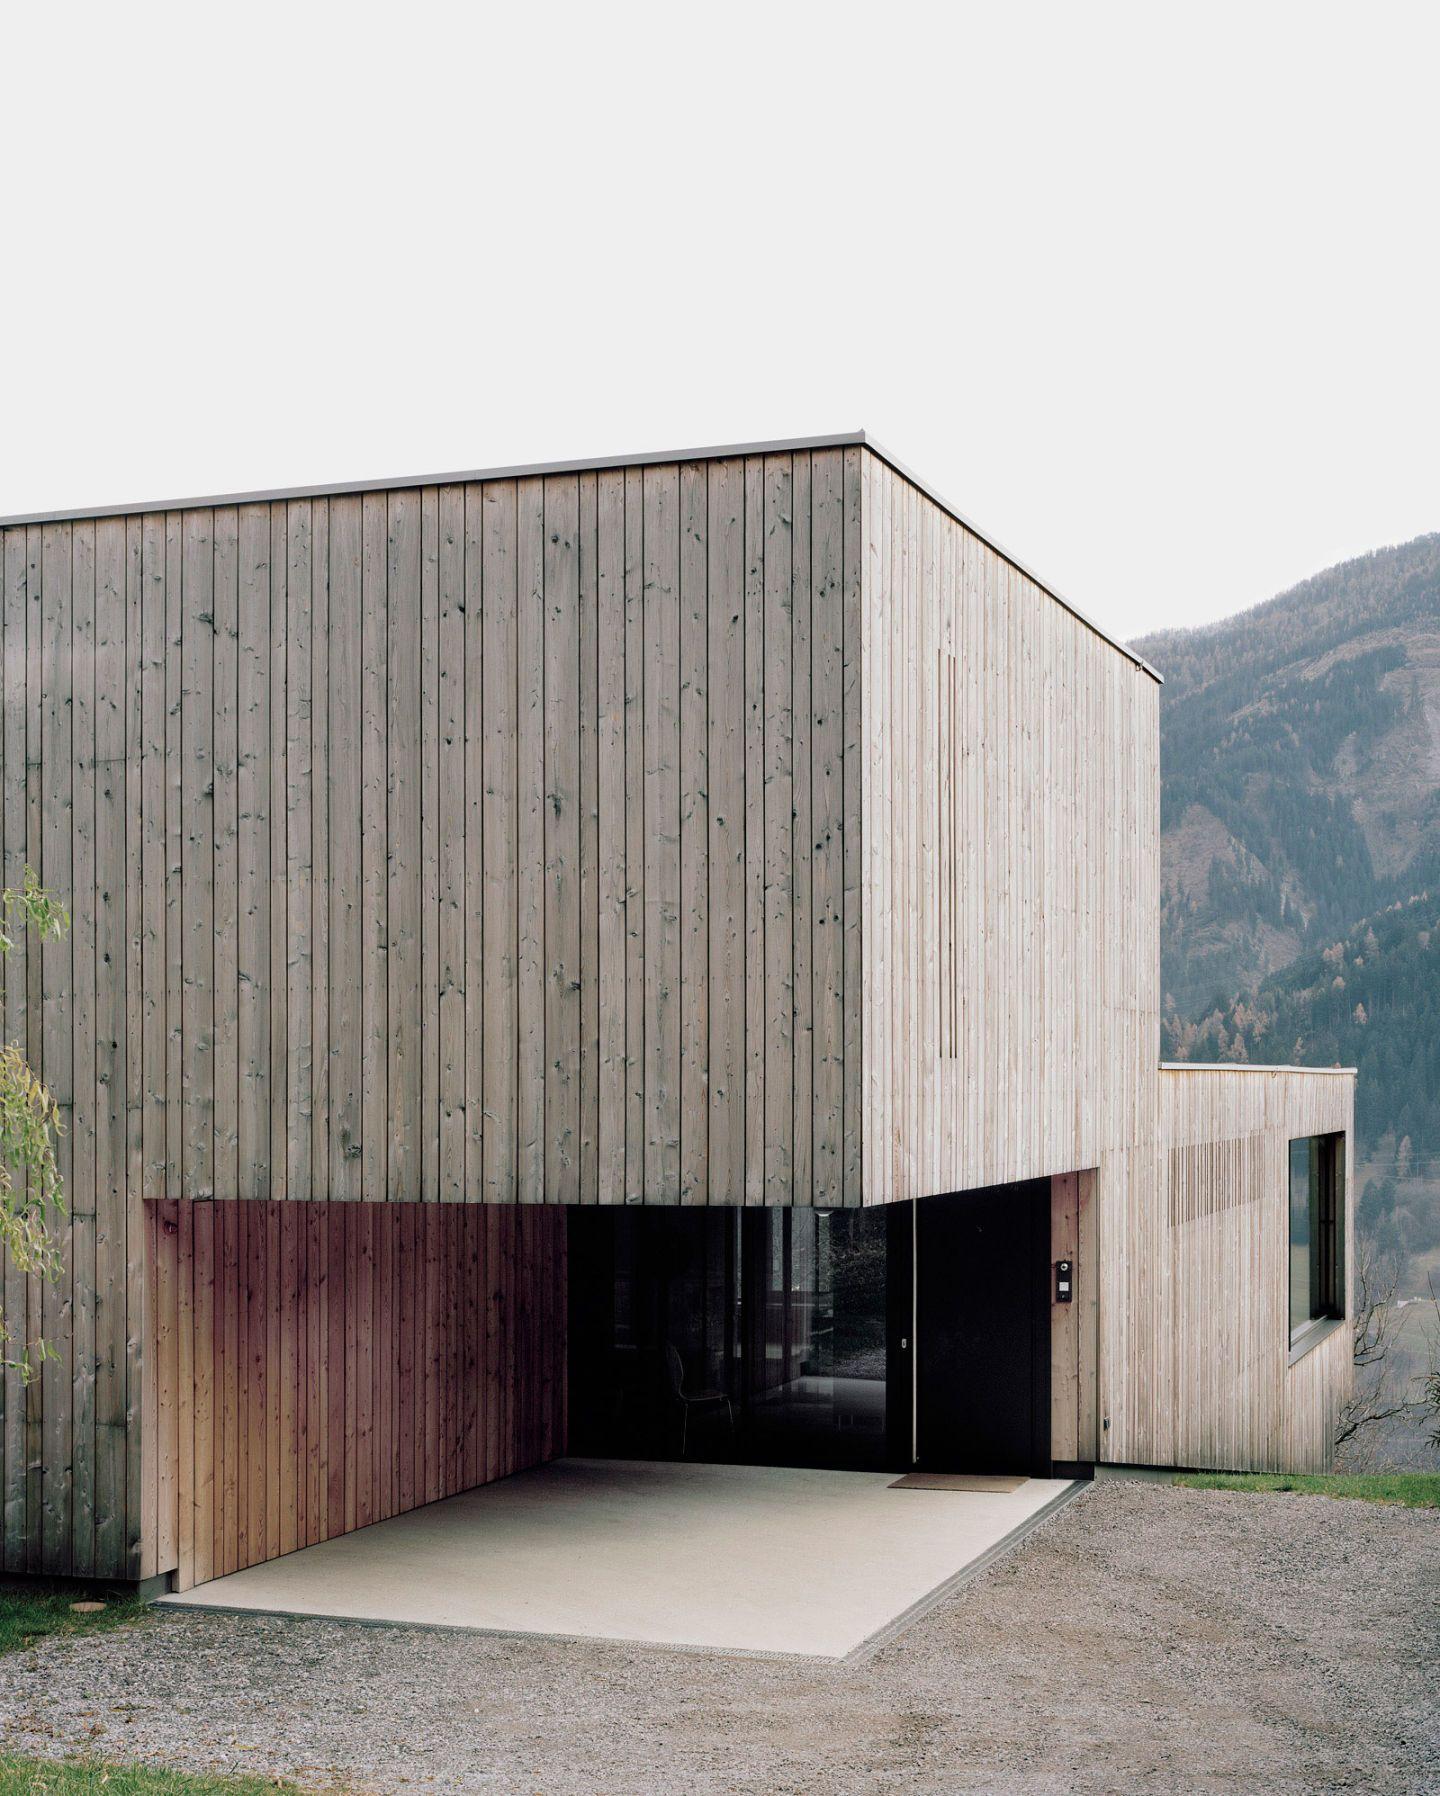 Bechter Zaffignani Architekten, Arkitekturfotograf Rasmus